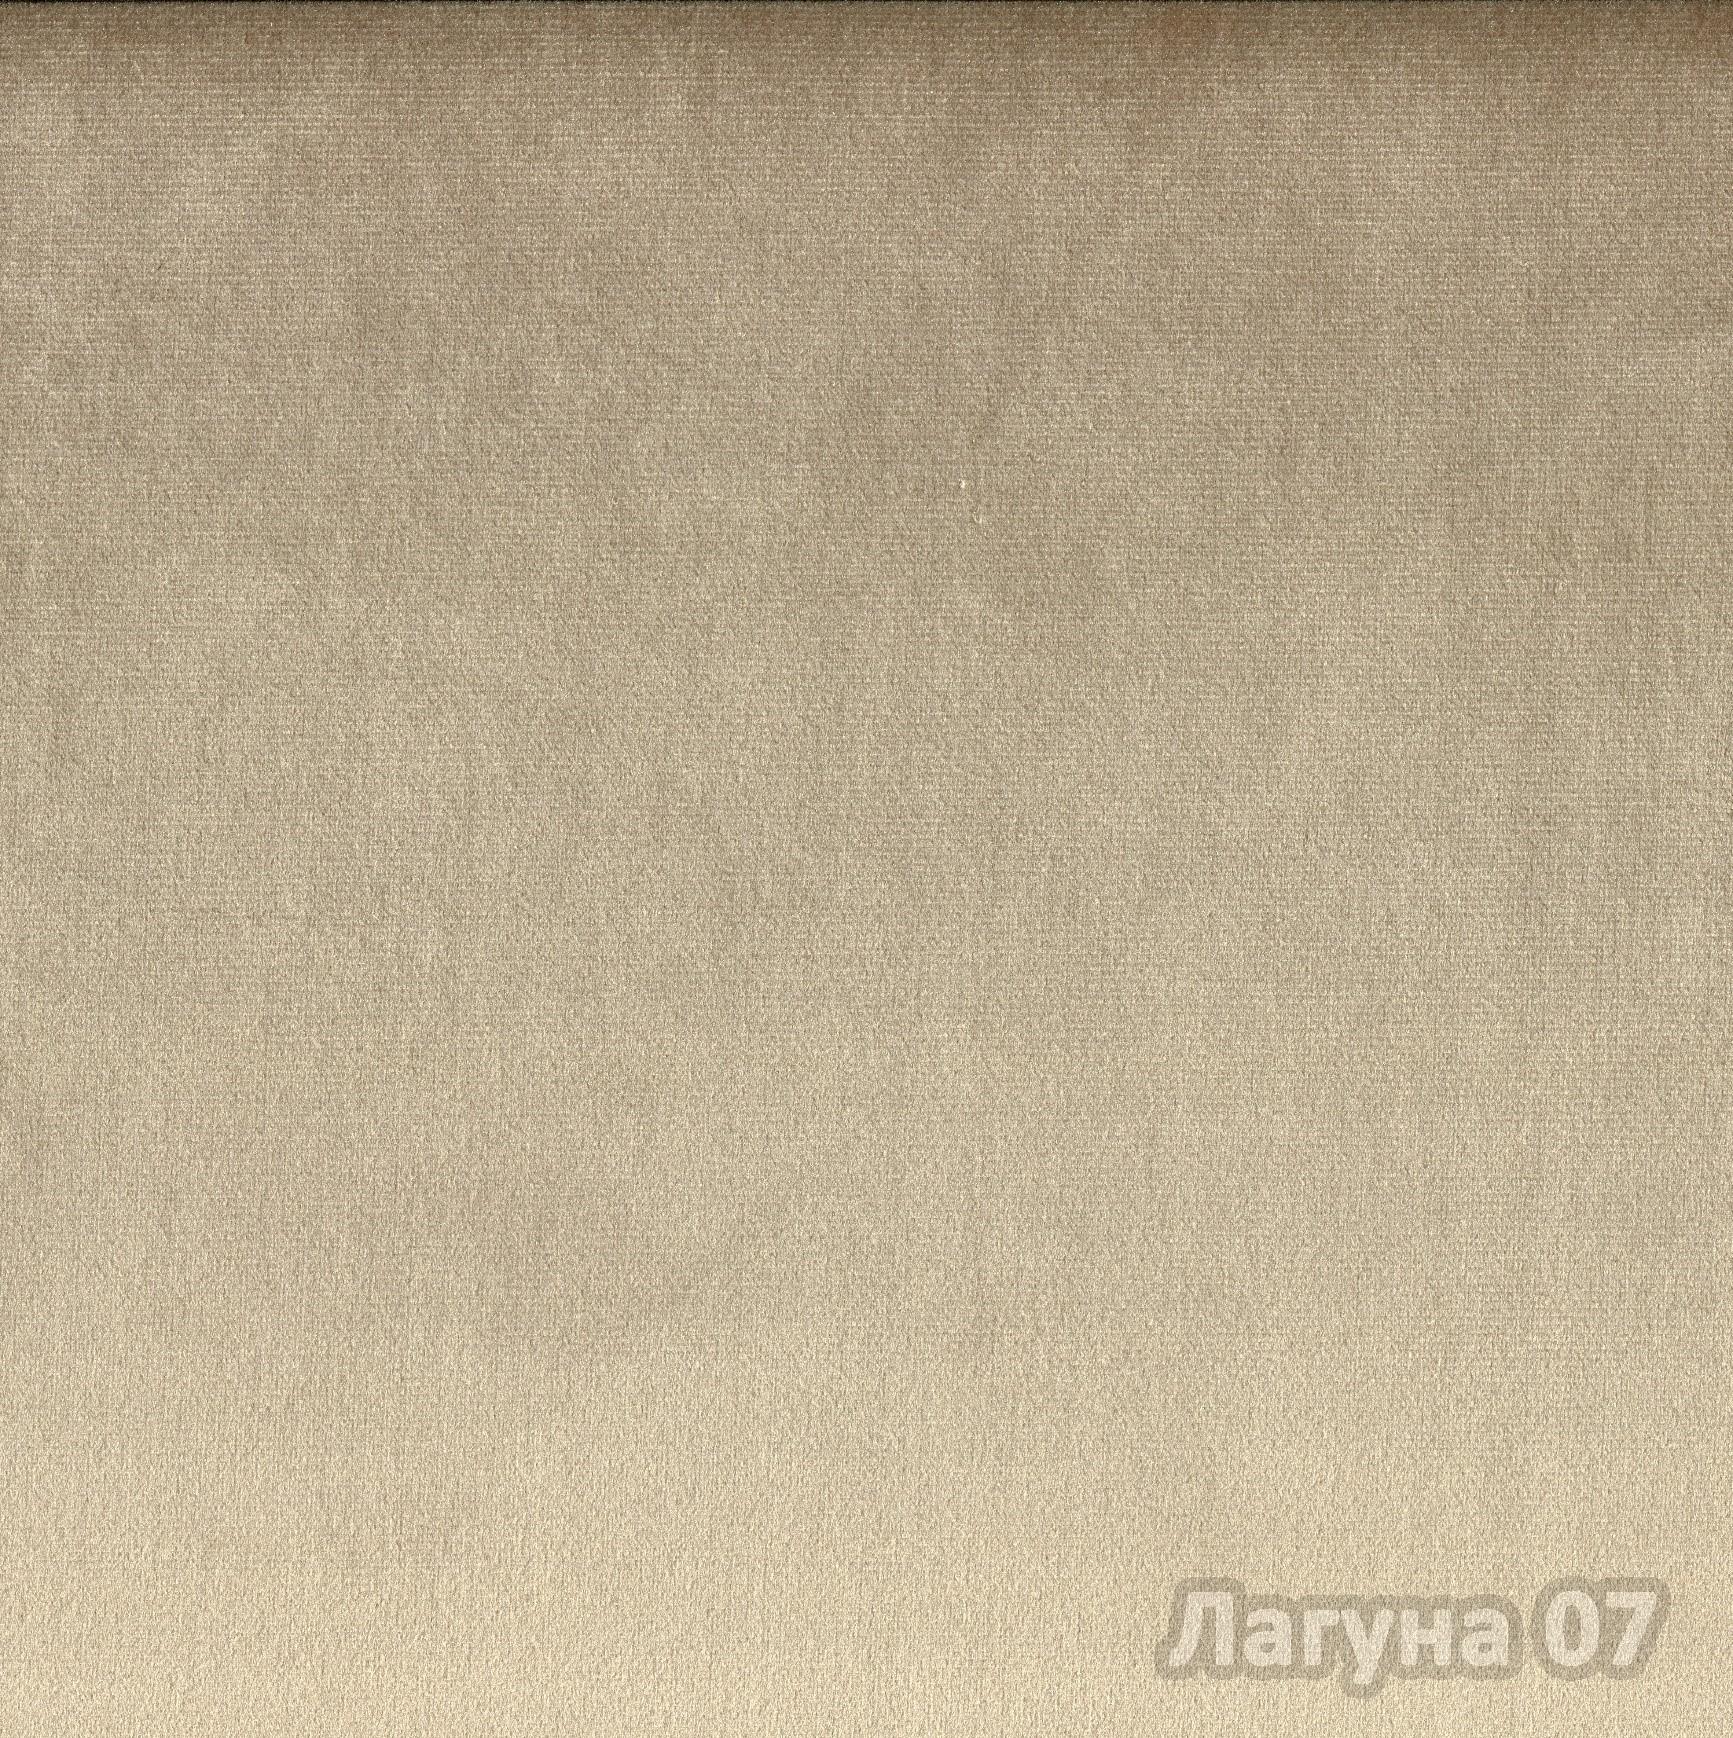 Коллекция ткани Лагуна 7,  купить ткань Велюр для мебели Украина